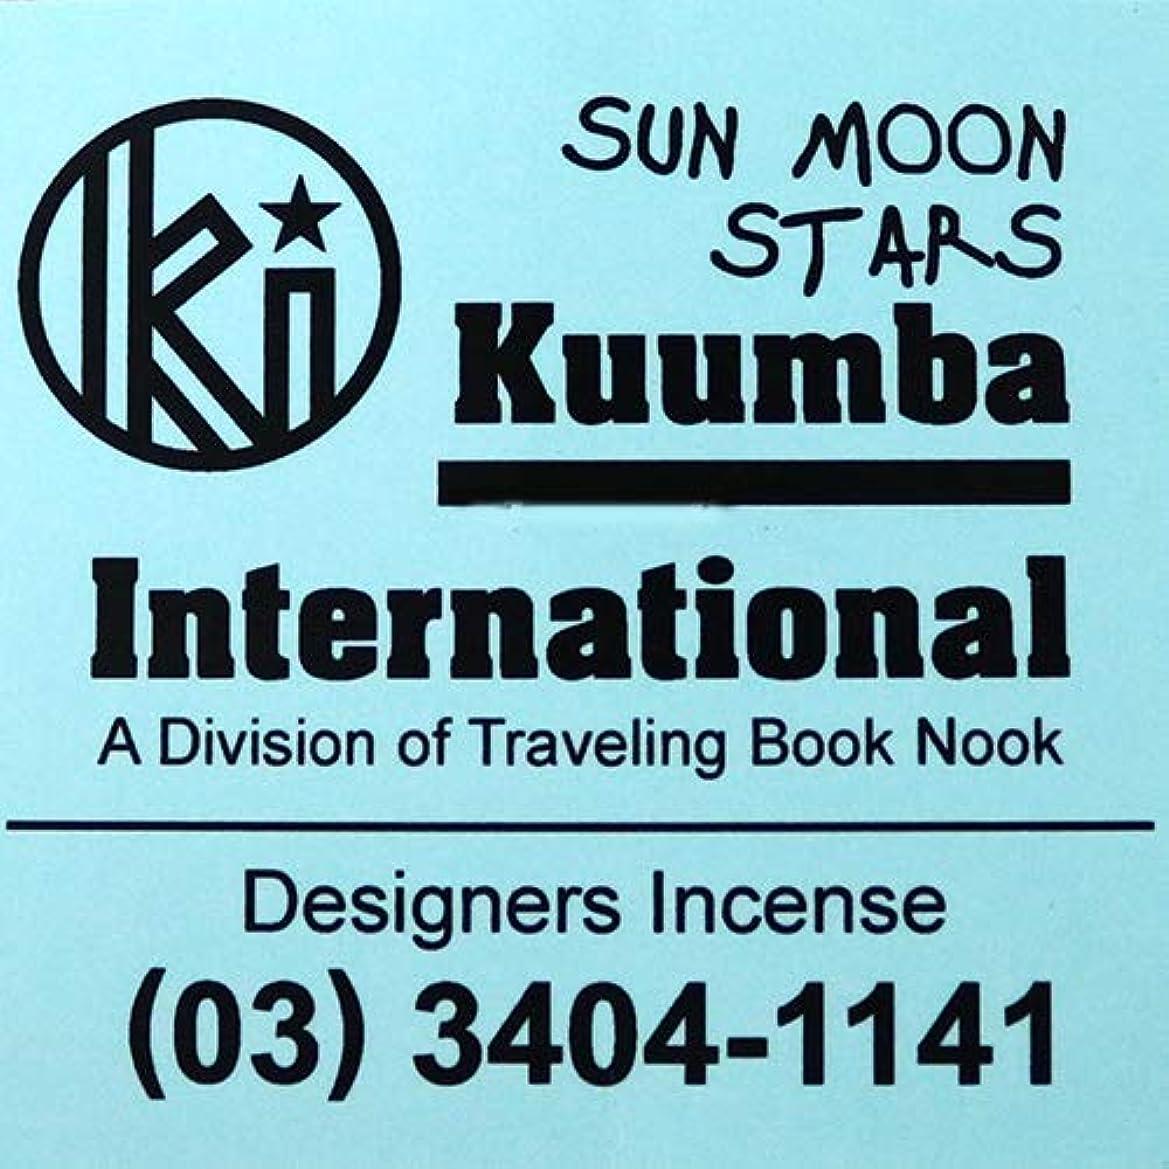 ひらめき仮装プラグ(クンバ) KUUMBA『incense』(SUN MOON STARS) (SUN MOON STARS, Regular size)